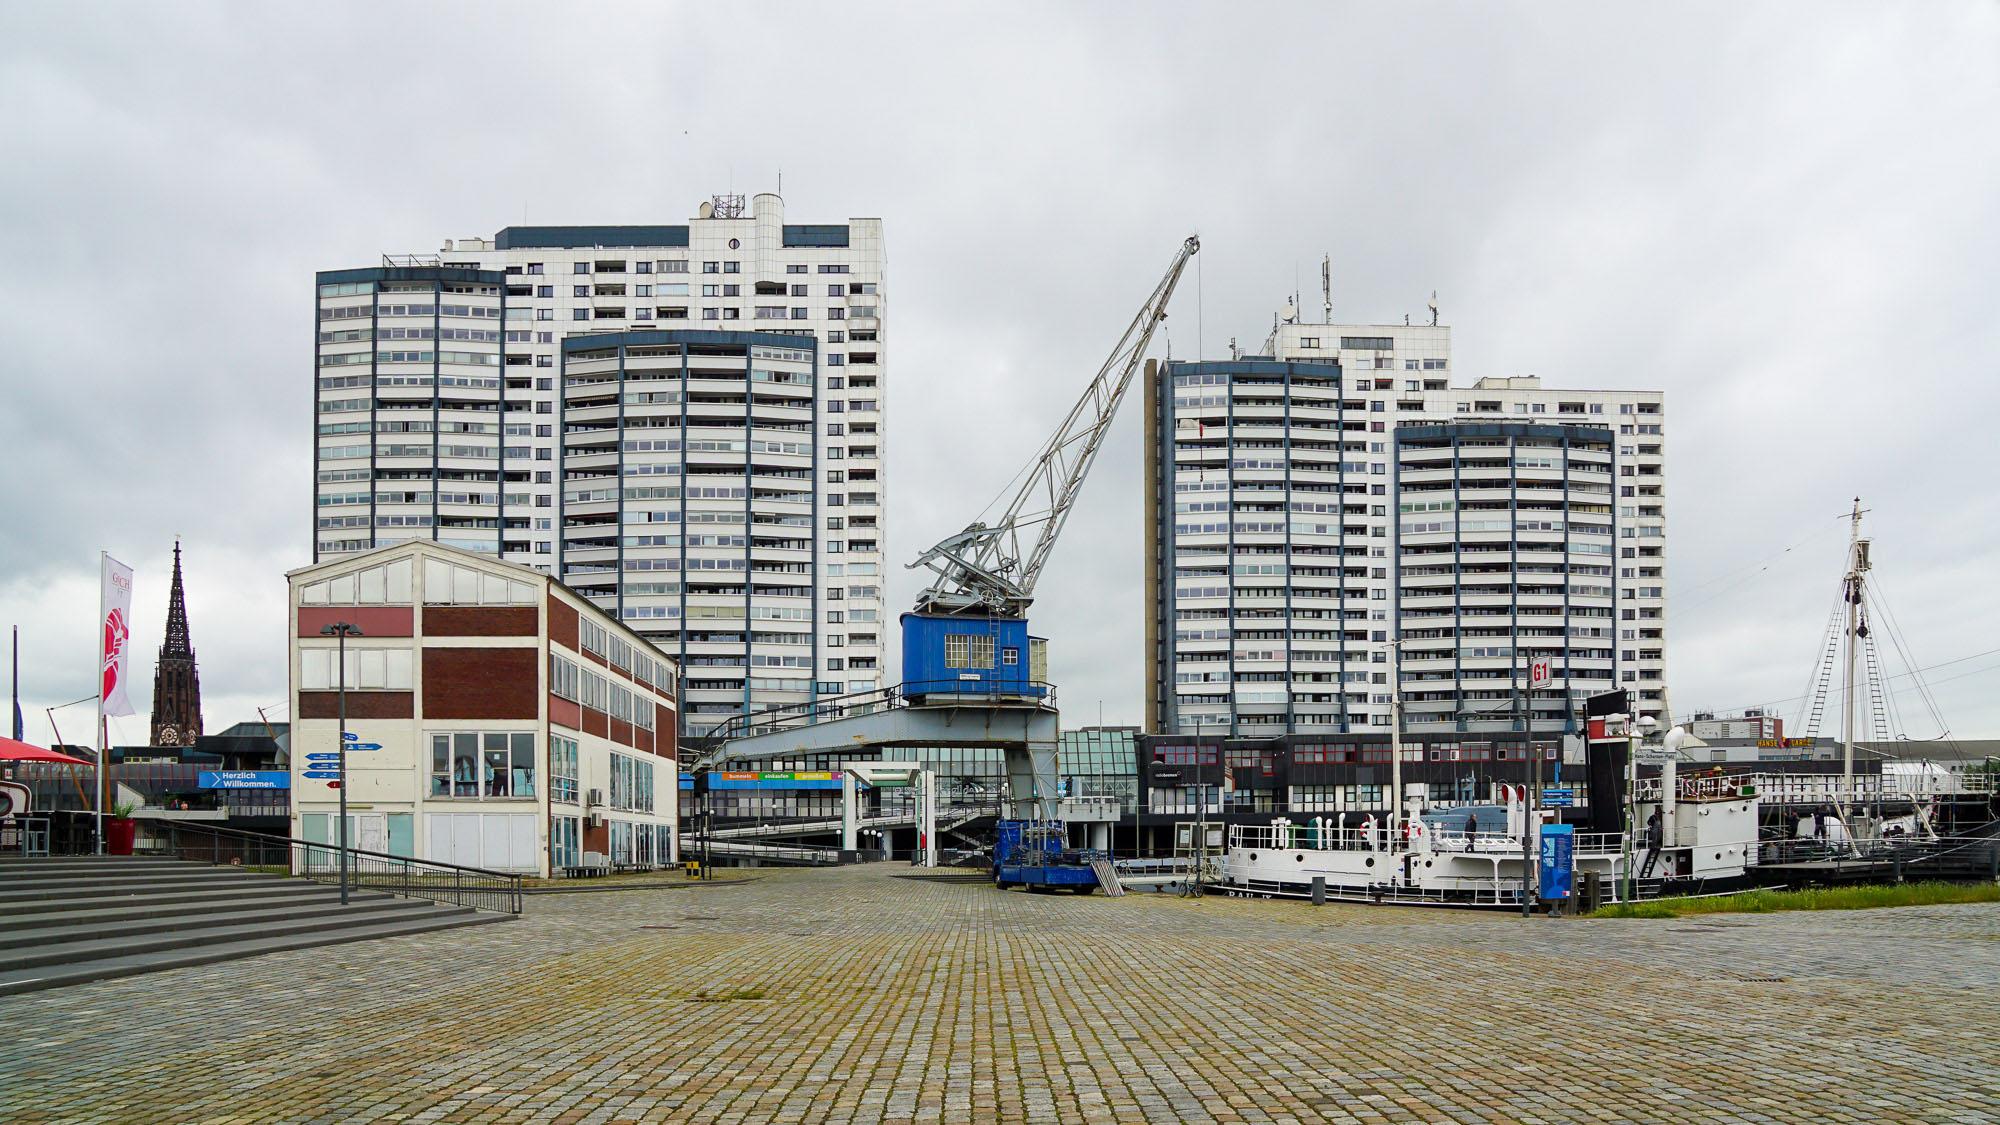 Hafenambiente. Wohnhochhäuser mit blauweißer Fassade im Hintergrund, ein blauer Lastkran im Vordergrund